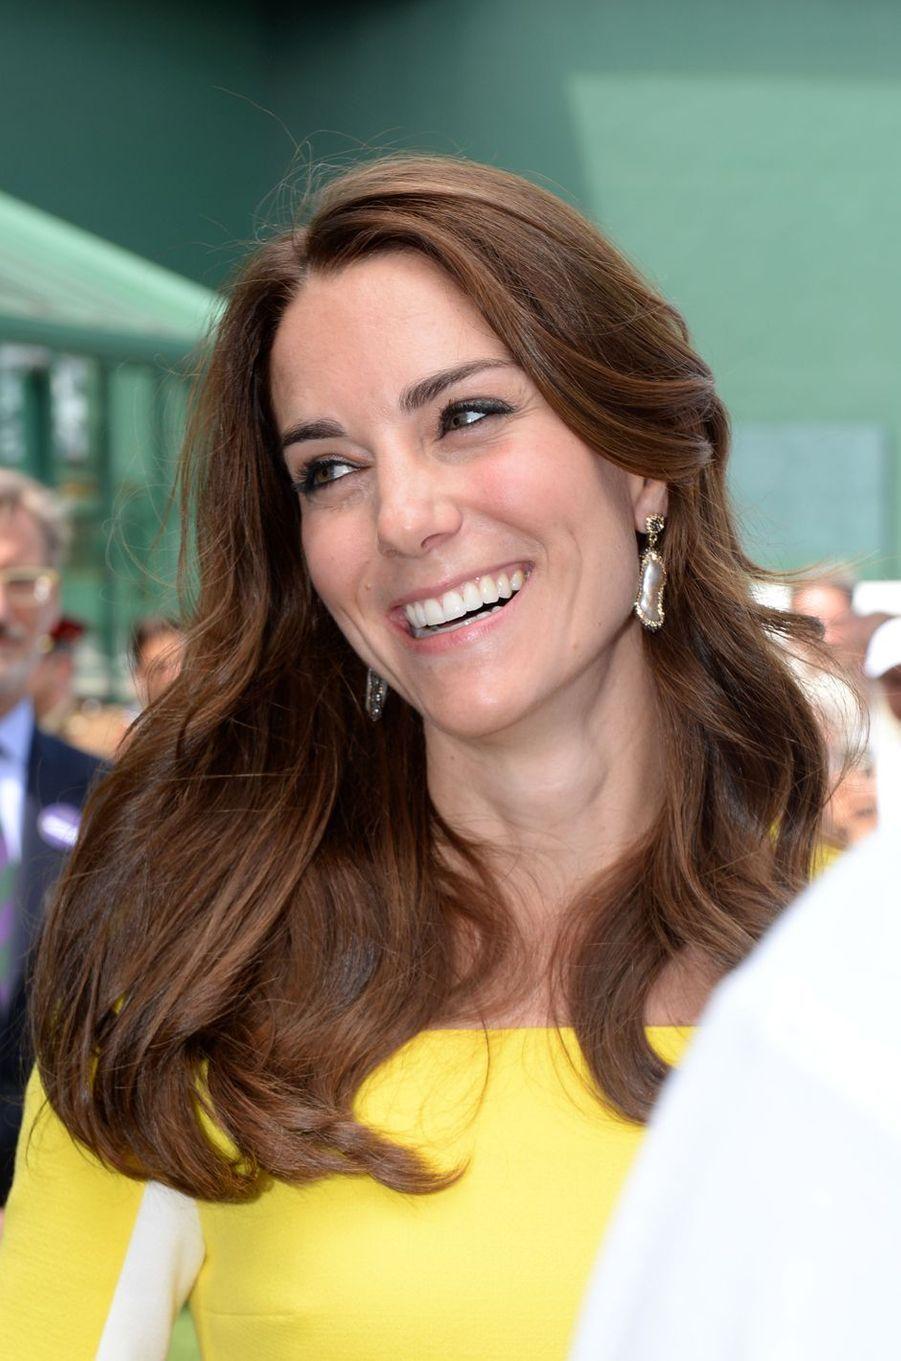 La duchesse de Cambridge, née Kate Middleton, était ce jeudi 7 juillet dans les tribunes de Wimbledon pour suivre l'une des demi-finales dames. Et ce, sans son époux le prince William.